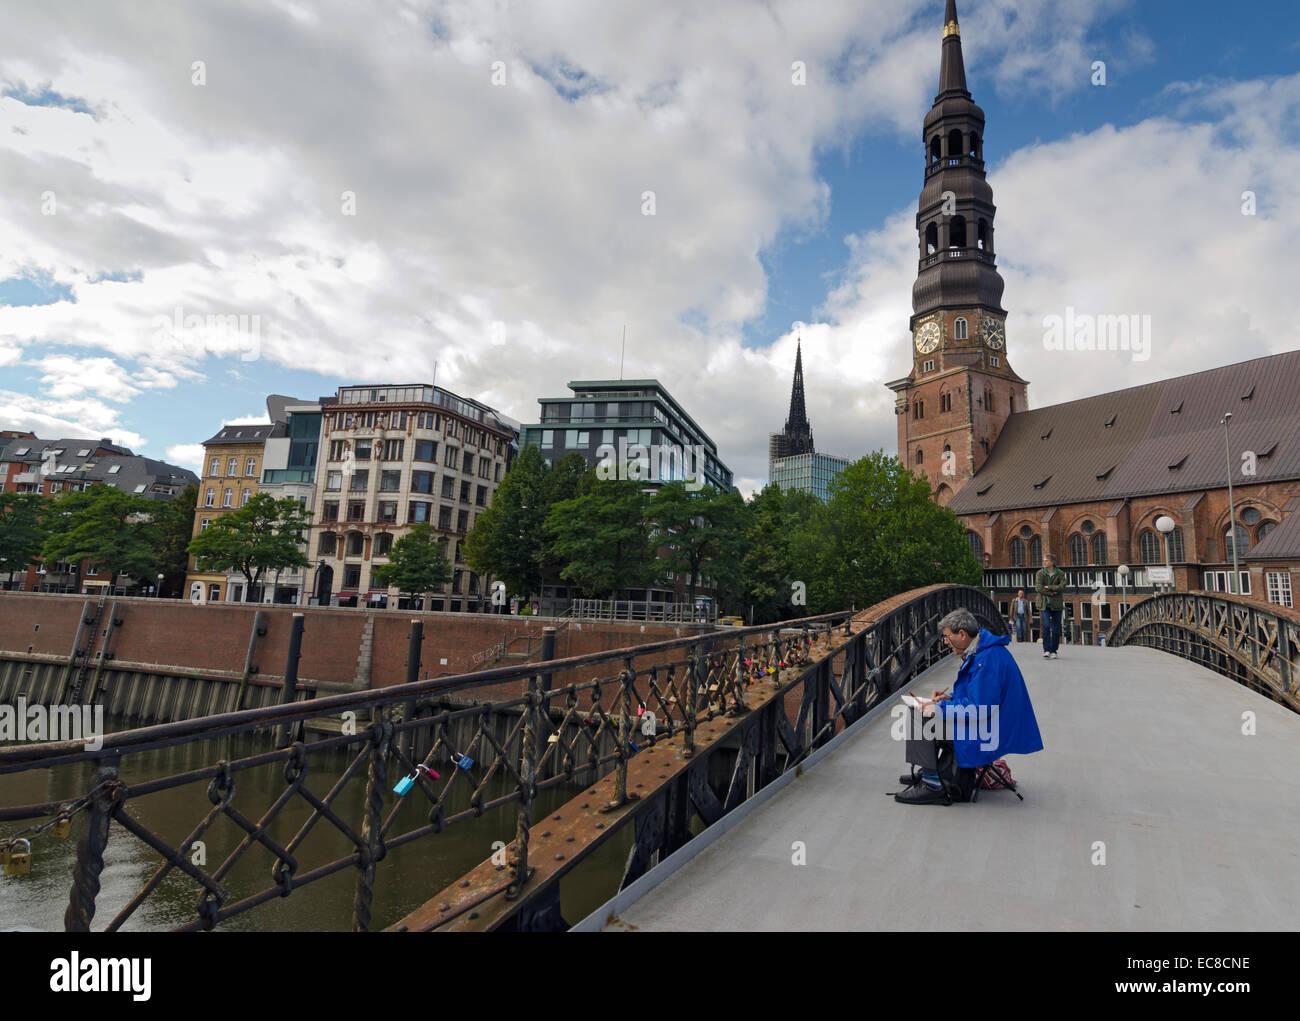 HAMBURG, Deutschland-26. SEPTEMBER: Maler auf einer Brücke über einen Kanal am 26. September 2013. Stockbild